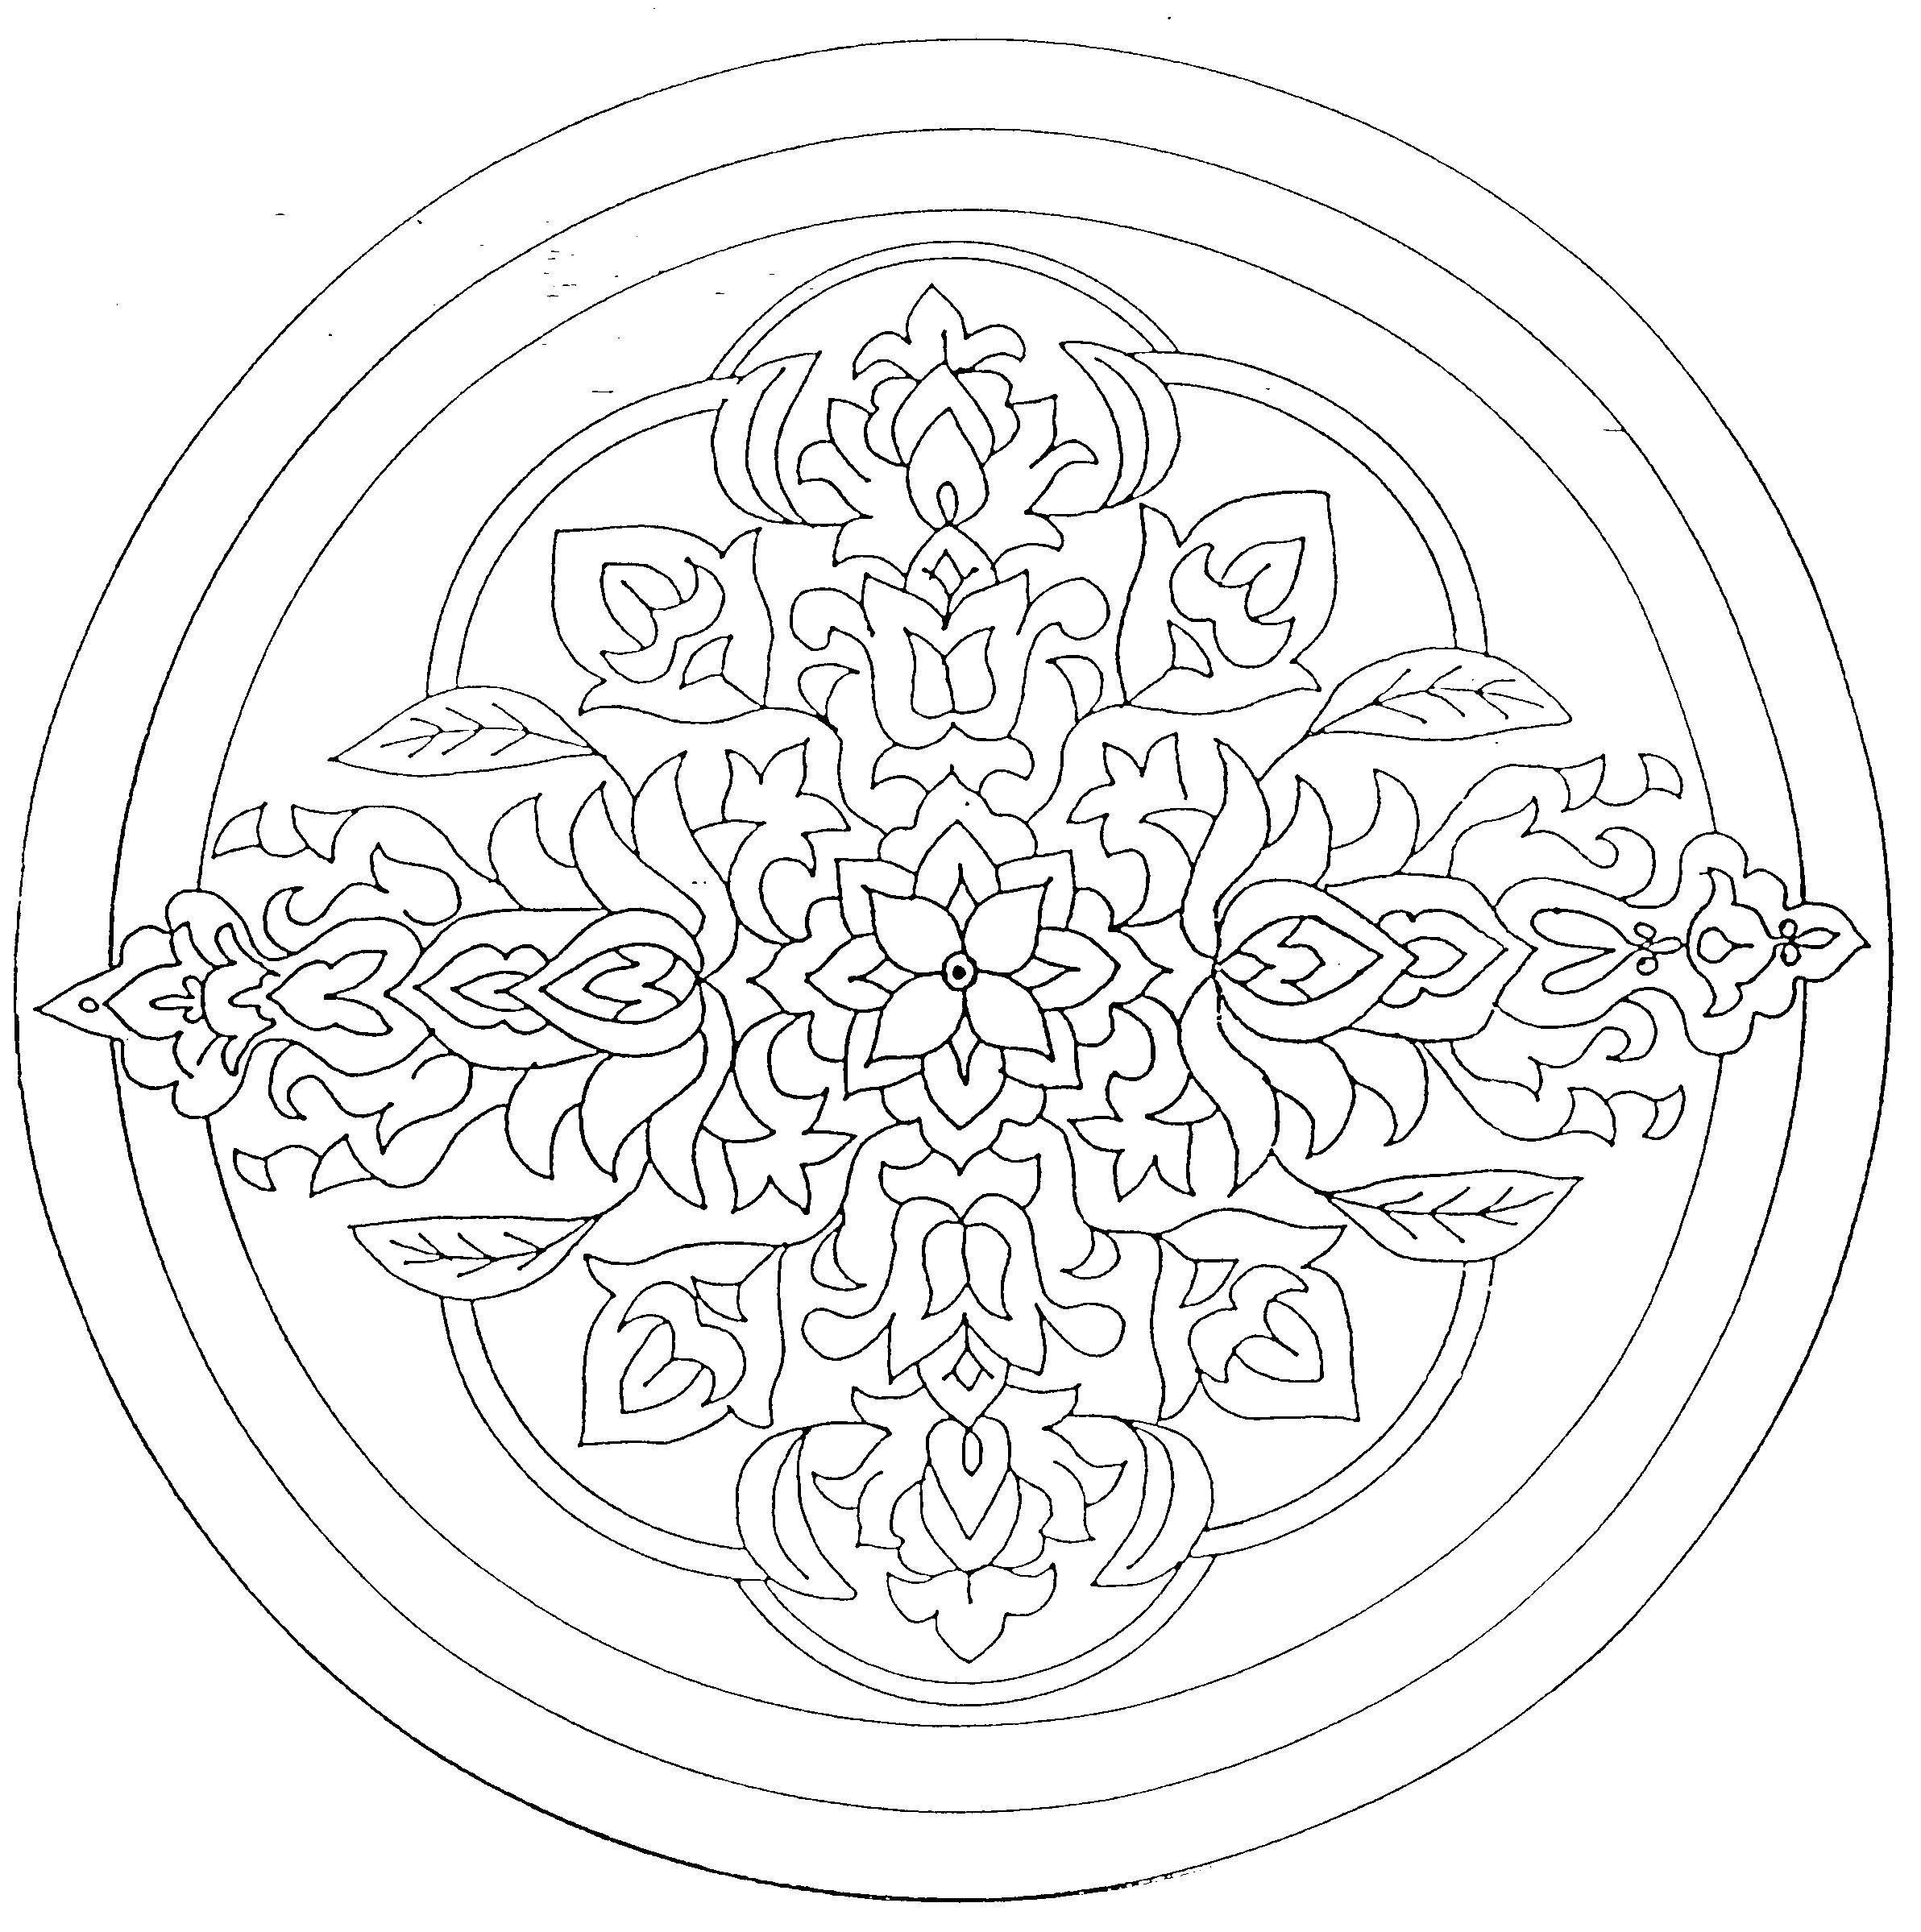 Pin Von Meral Cetin Auf Patterns Motifs Ornaments 1 Mandala Malvorlagen Malvorlagen Muster Malvorlagen